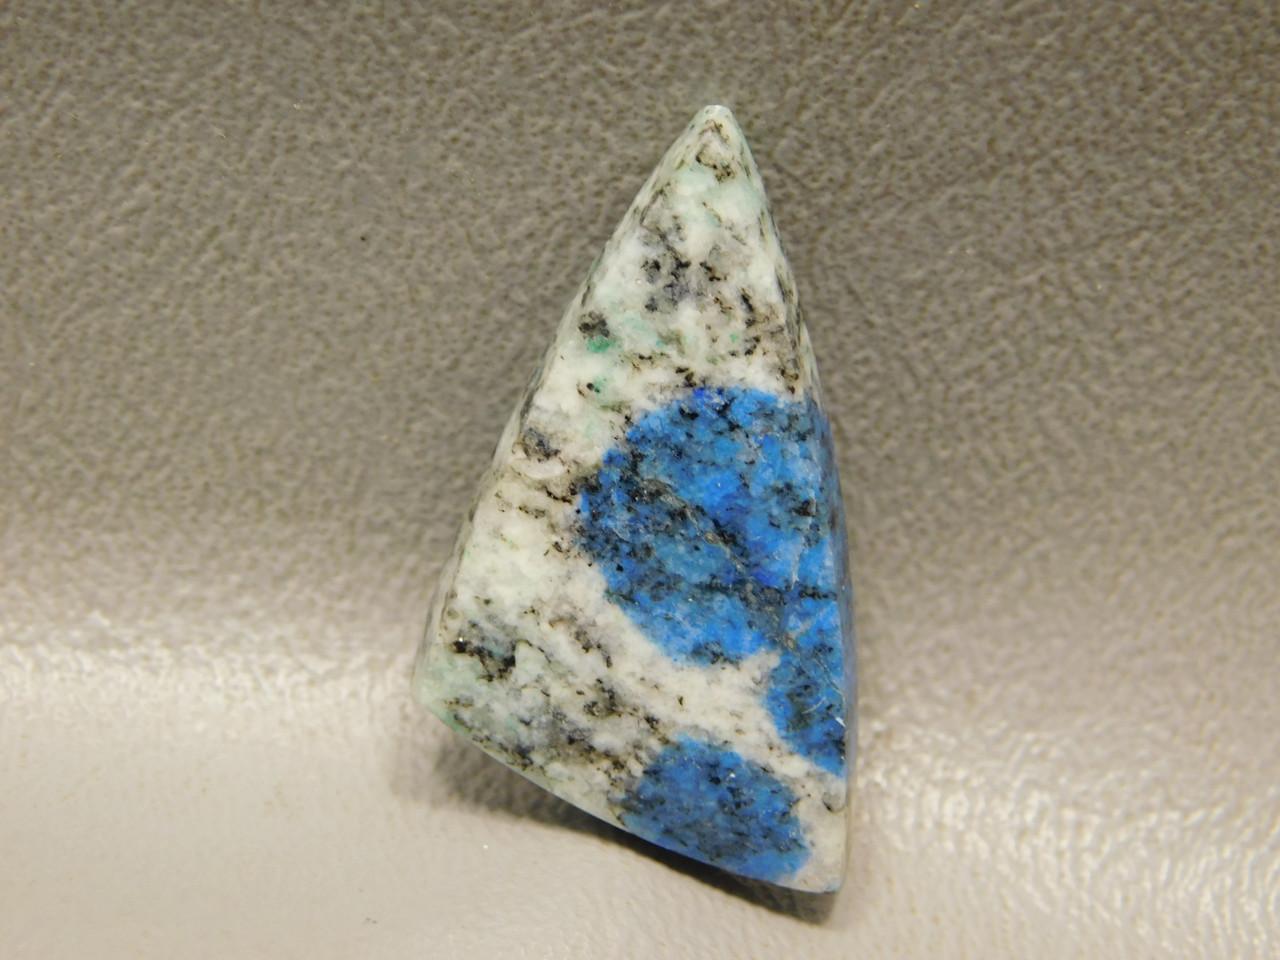 Cabochon K2 Azurite Granite Jewelry Making Semi Precious Stone 13